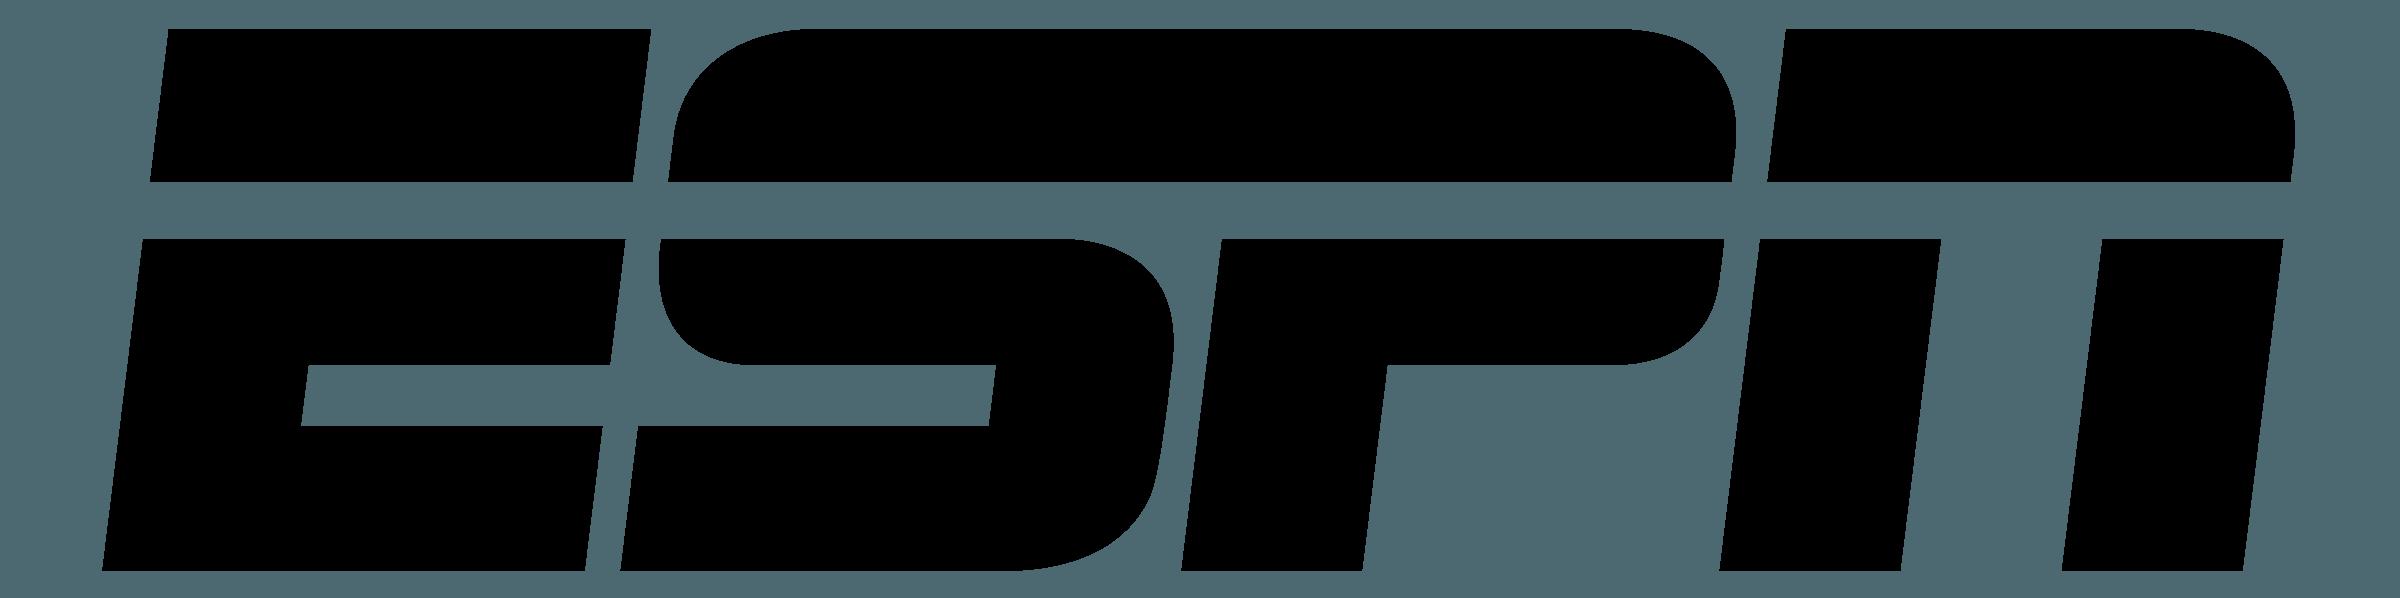 espn-logo-black-transparent.png